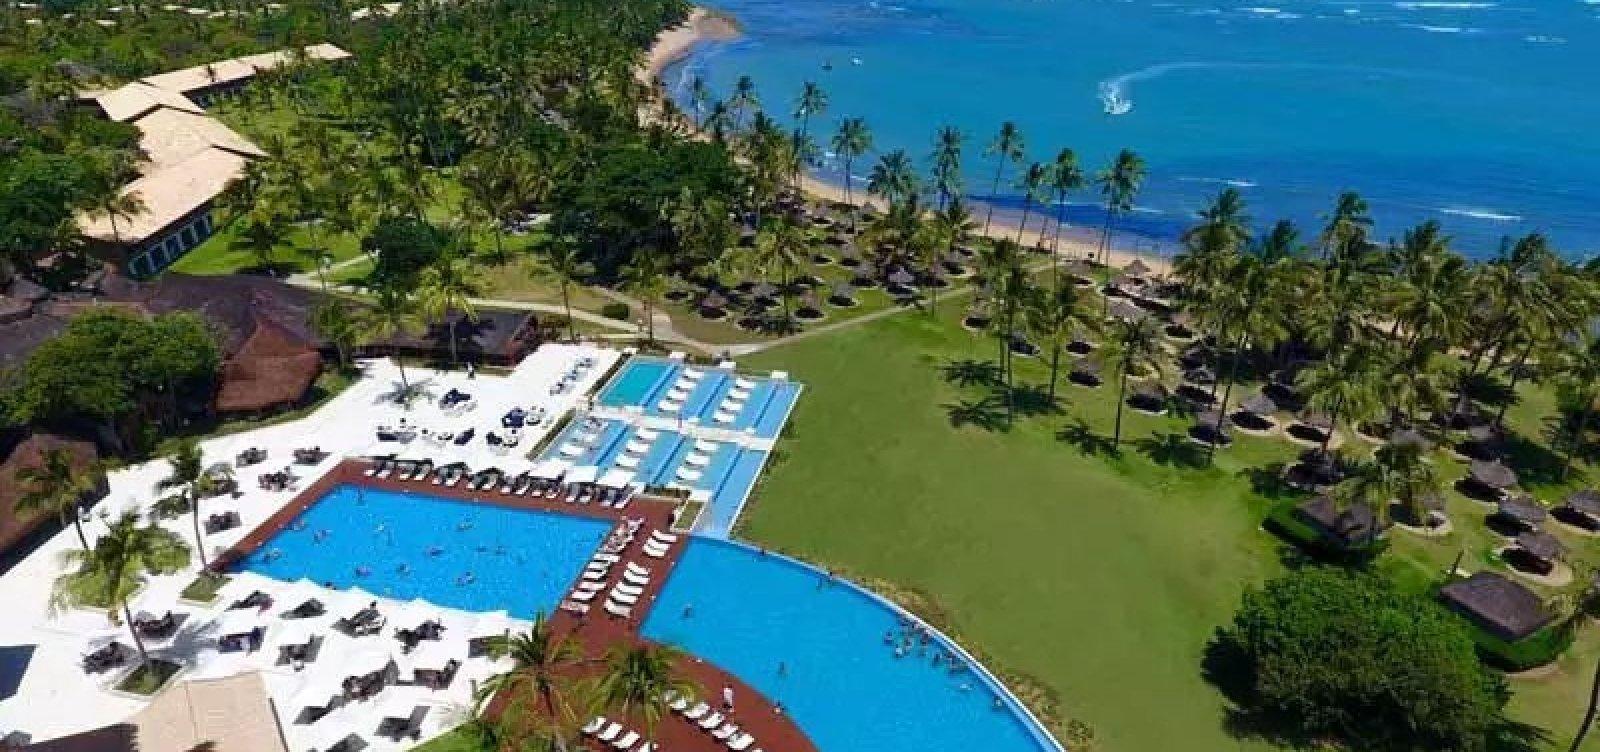 [Partido Verde cobra ao TCU ação contra liberação de resort em área de preservação ambiental em Praia do Forte]